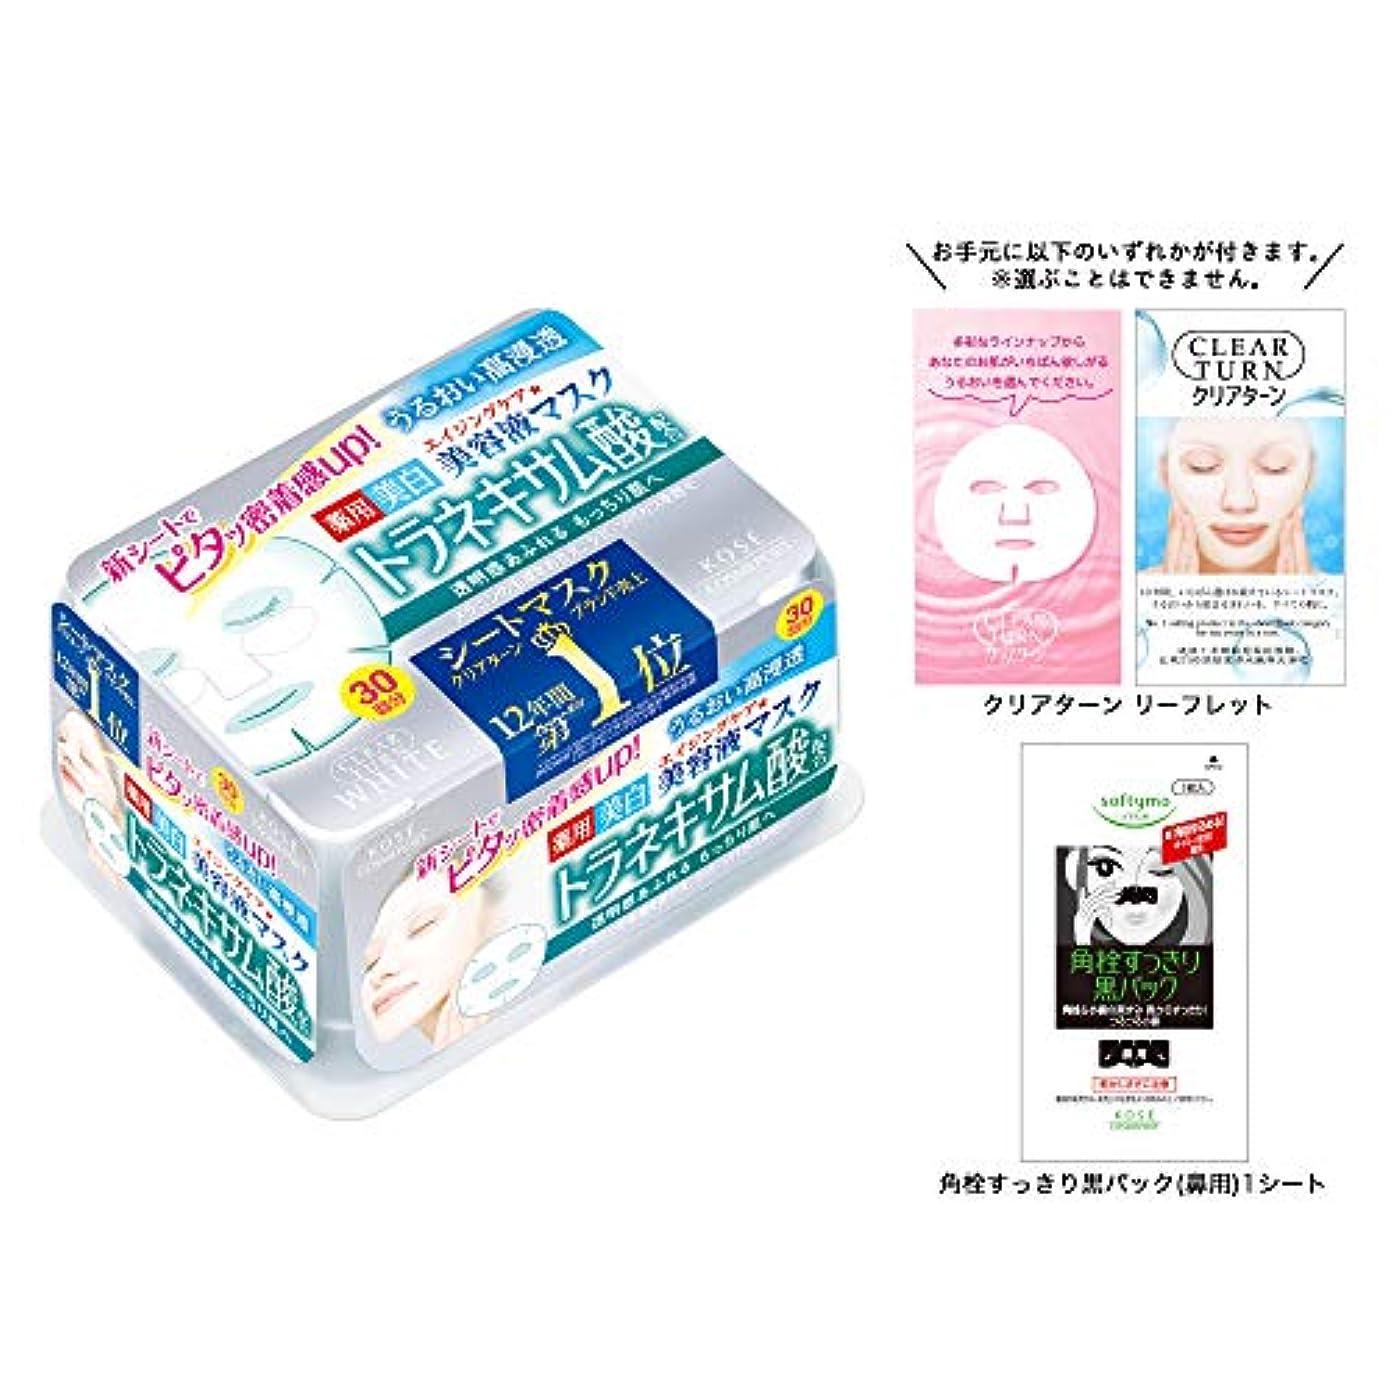 気まぐれな閉じる色合い【Amazon.co.jp限定】KOSE コーセー クリアターン エッセンス マスク (トラネキサム酸) 30枚 おまけ付 フェイスマスク (医薬部外品)